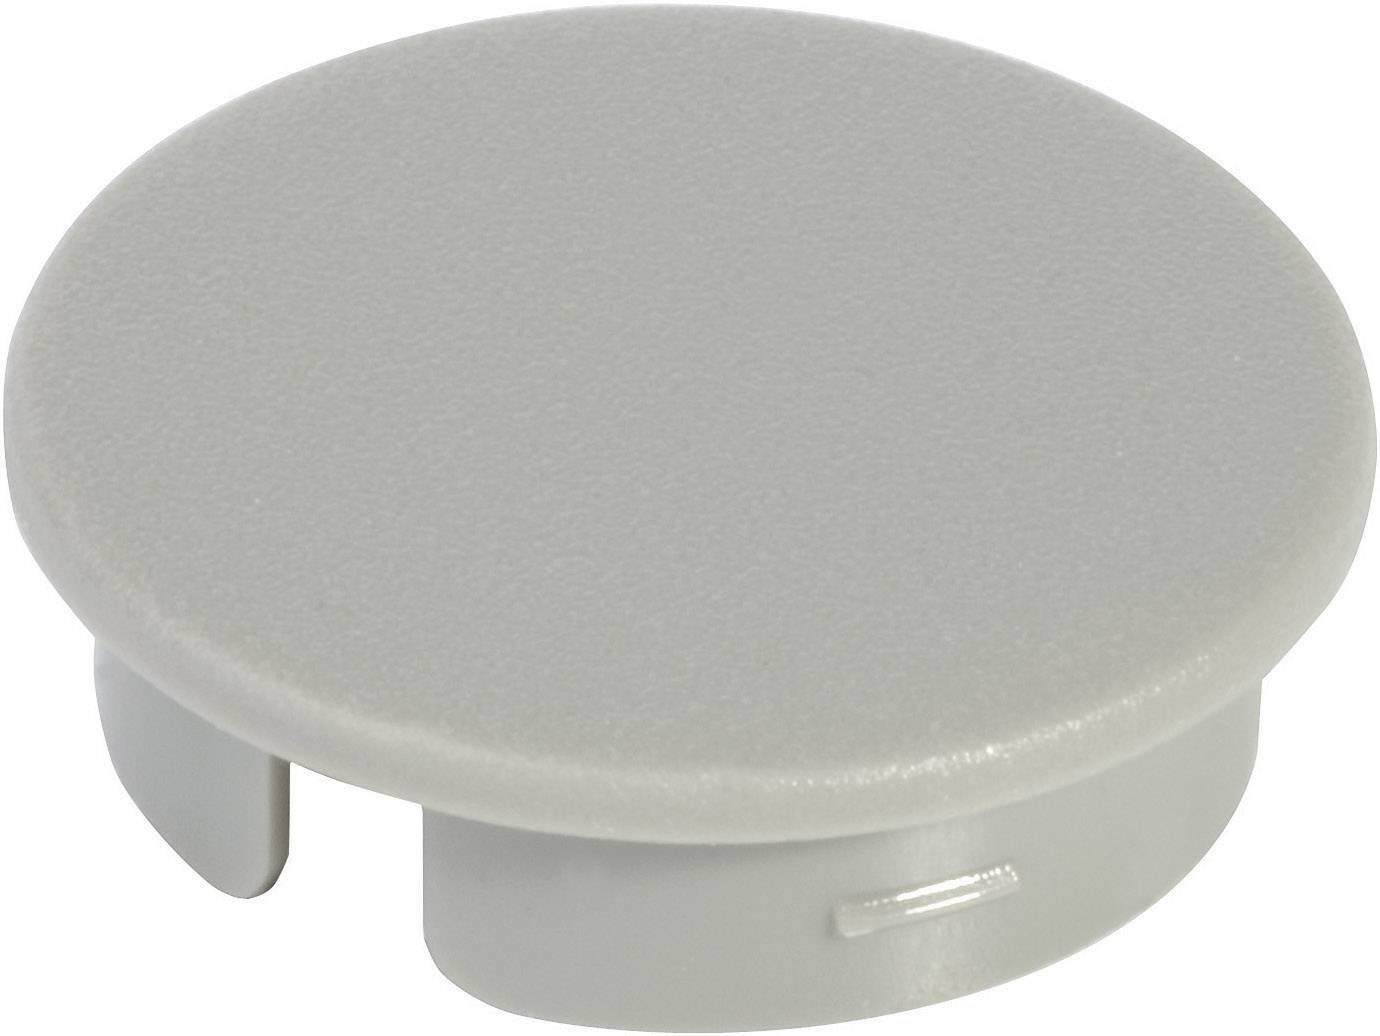 Krytka na otočný knoflík s ukazatelem OKW, pro knoflíky/O 16 mm, šedá